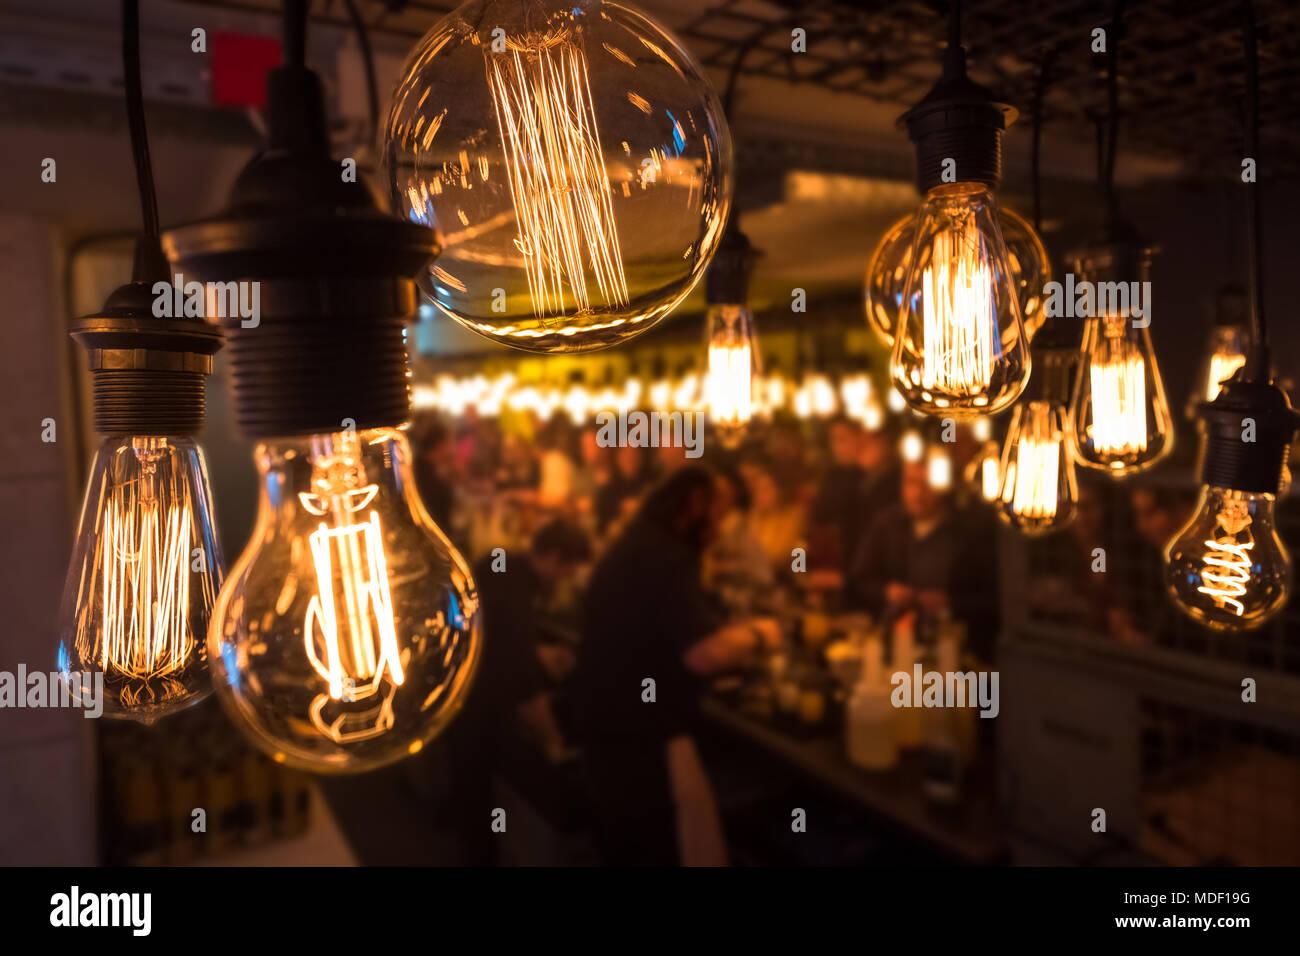 Gruppe der unkenntlich Jugendliche während einer Party an der Bar in einem improvisierten Lager Umwelt, dass eine Schule, Gebäude mit stilvollem Glühbirnen Dekoration im Vordergrund. Stockbild